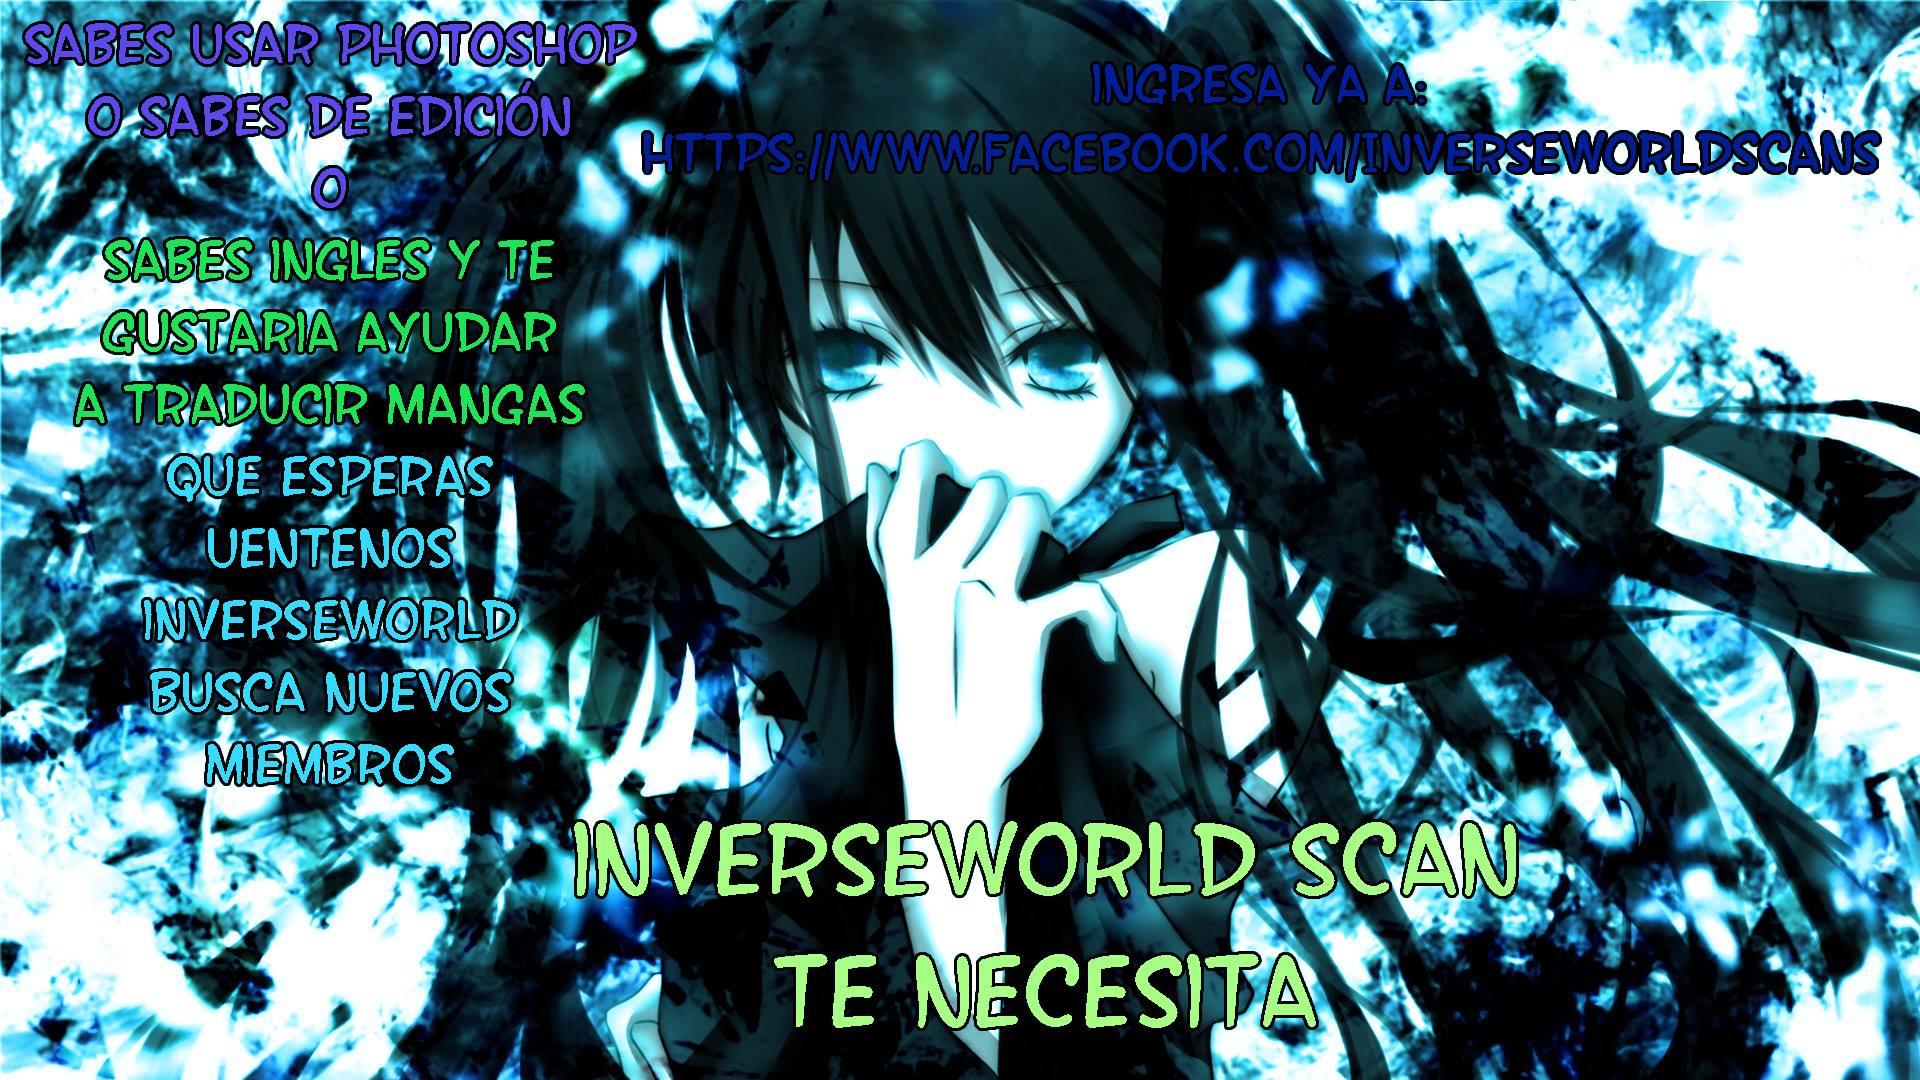 http://c5.ninemanga.com/es_manga/18/16210/415330/49debf9ec1b1eb94e1581877678f974b.jpg Page 2